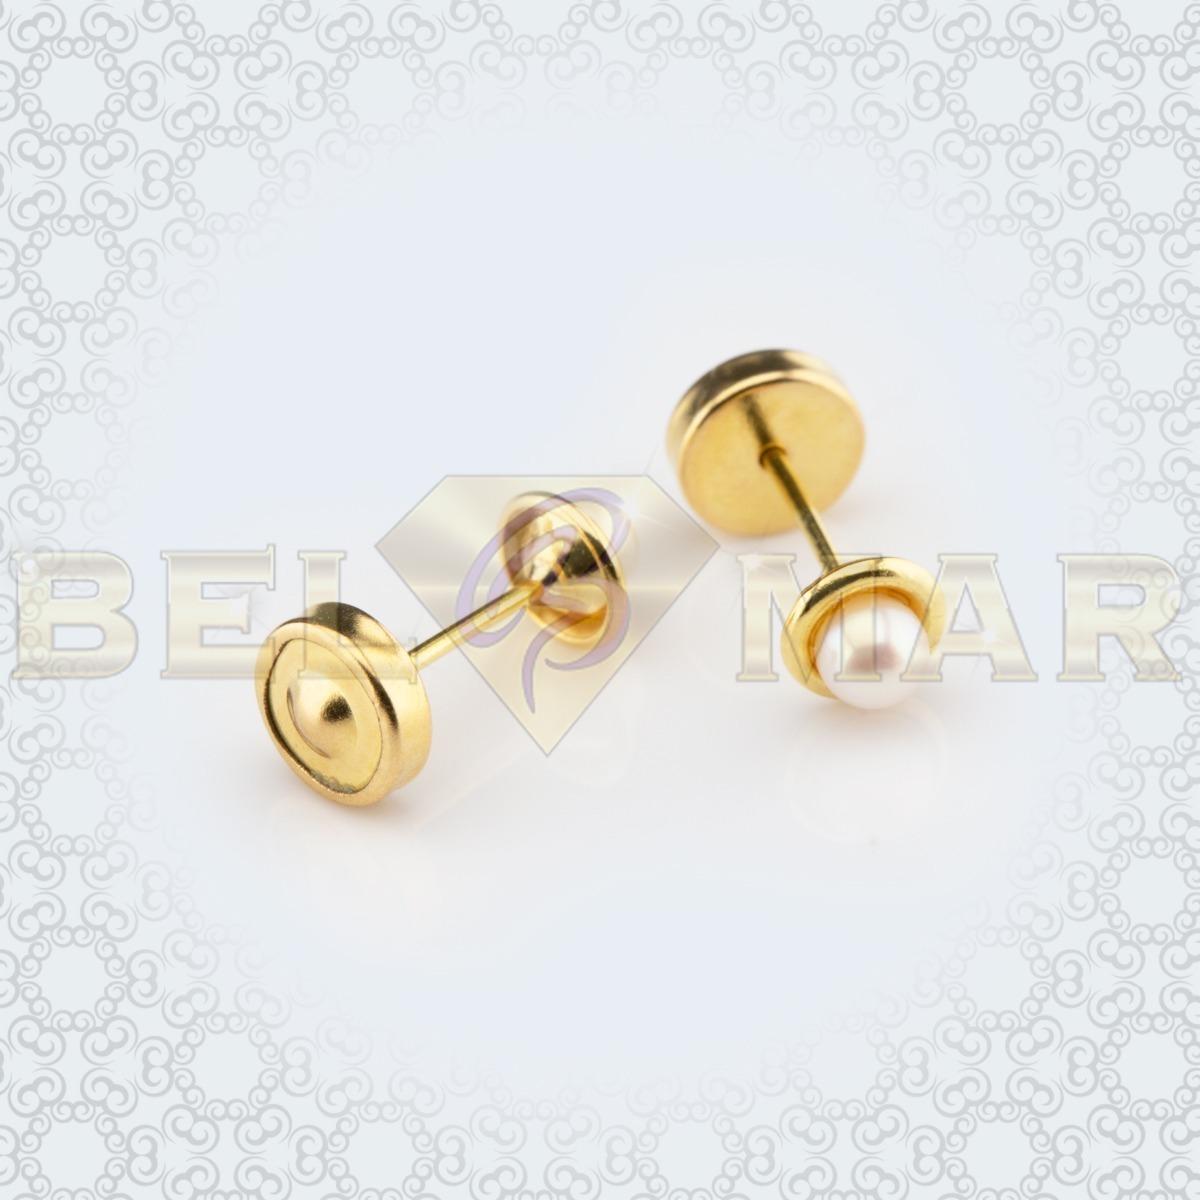 8289421ca48d aros abridores lili oro 18k perla cultivada 3mm. Cargando zoom.